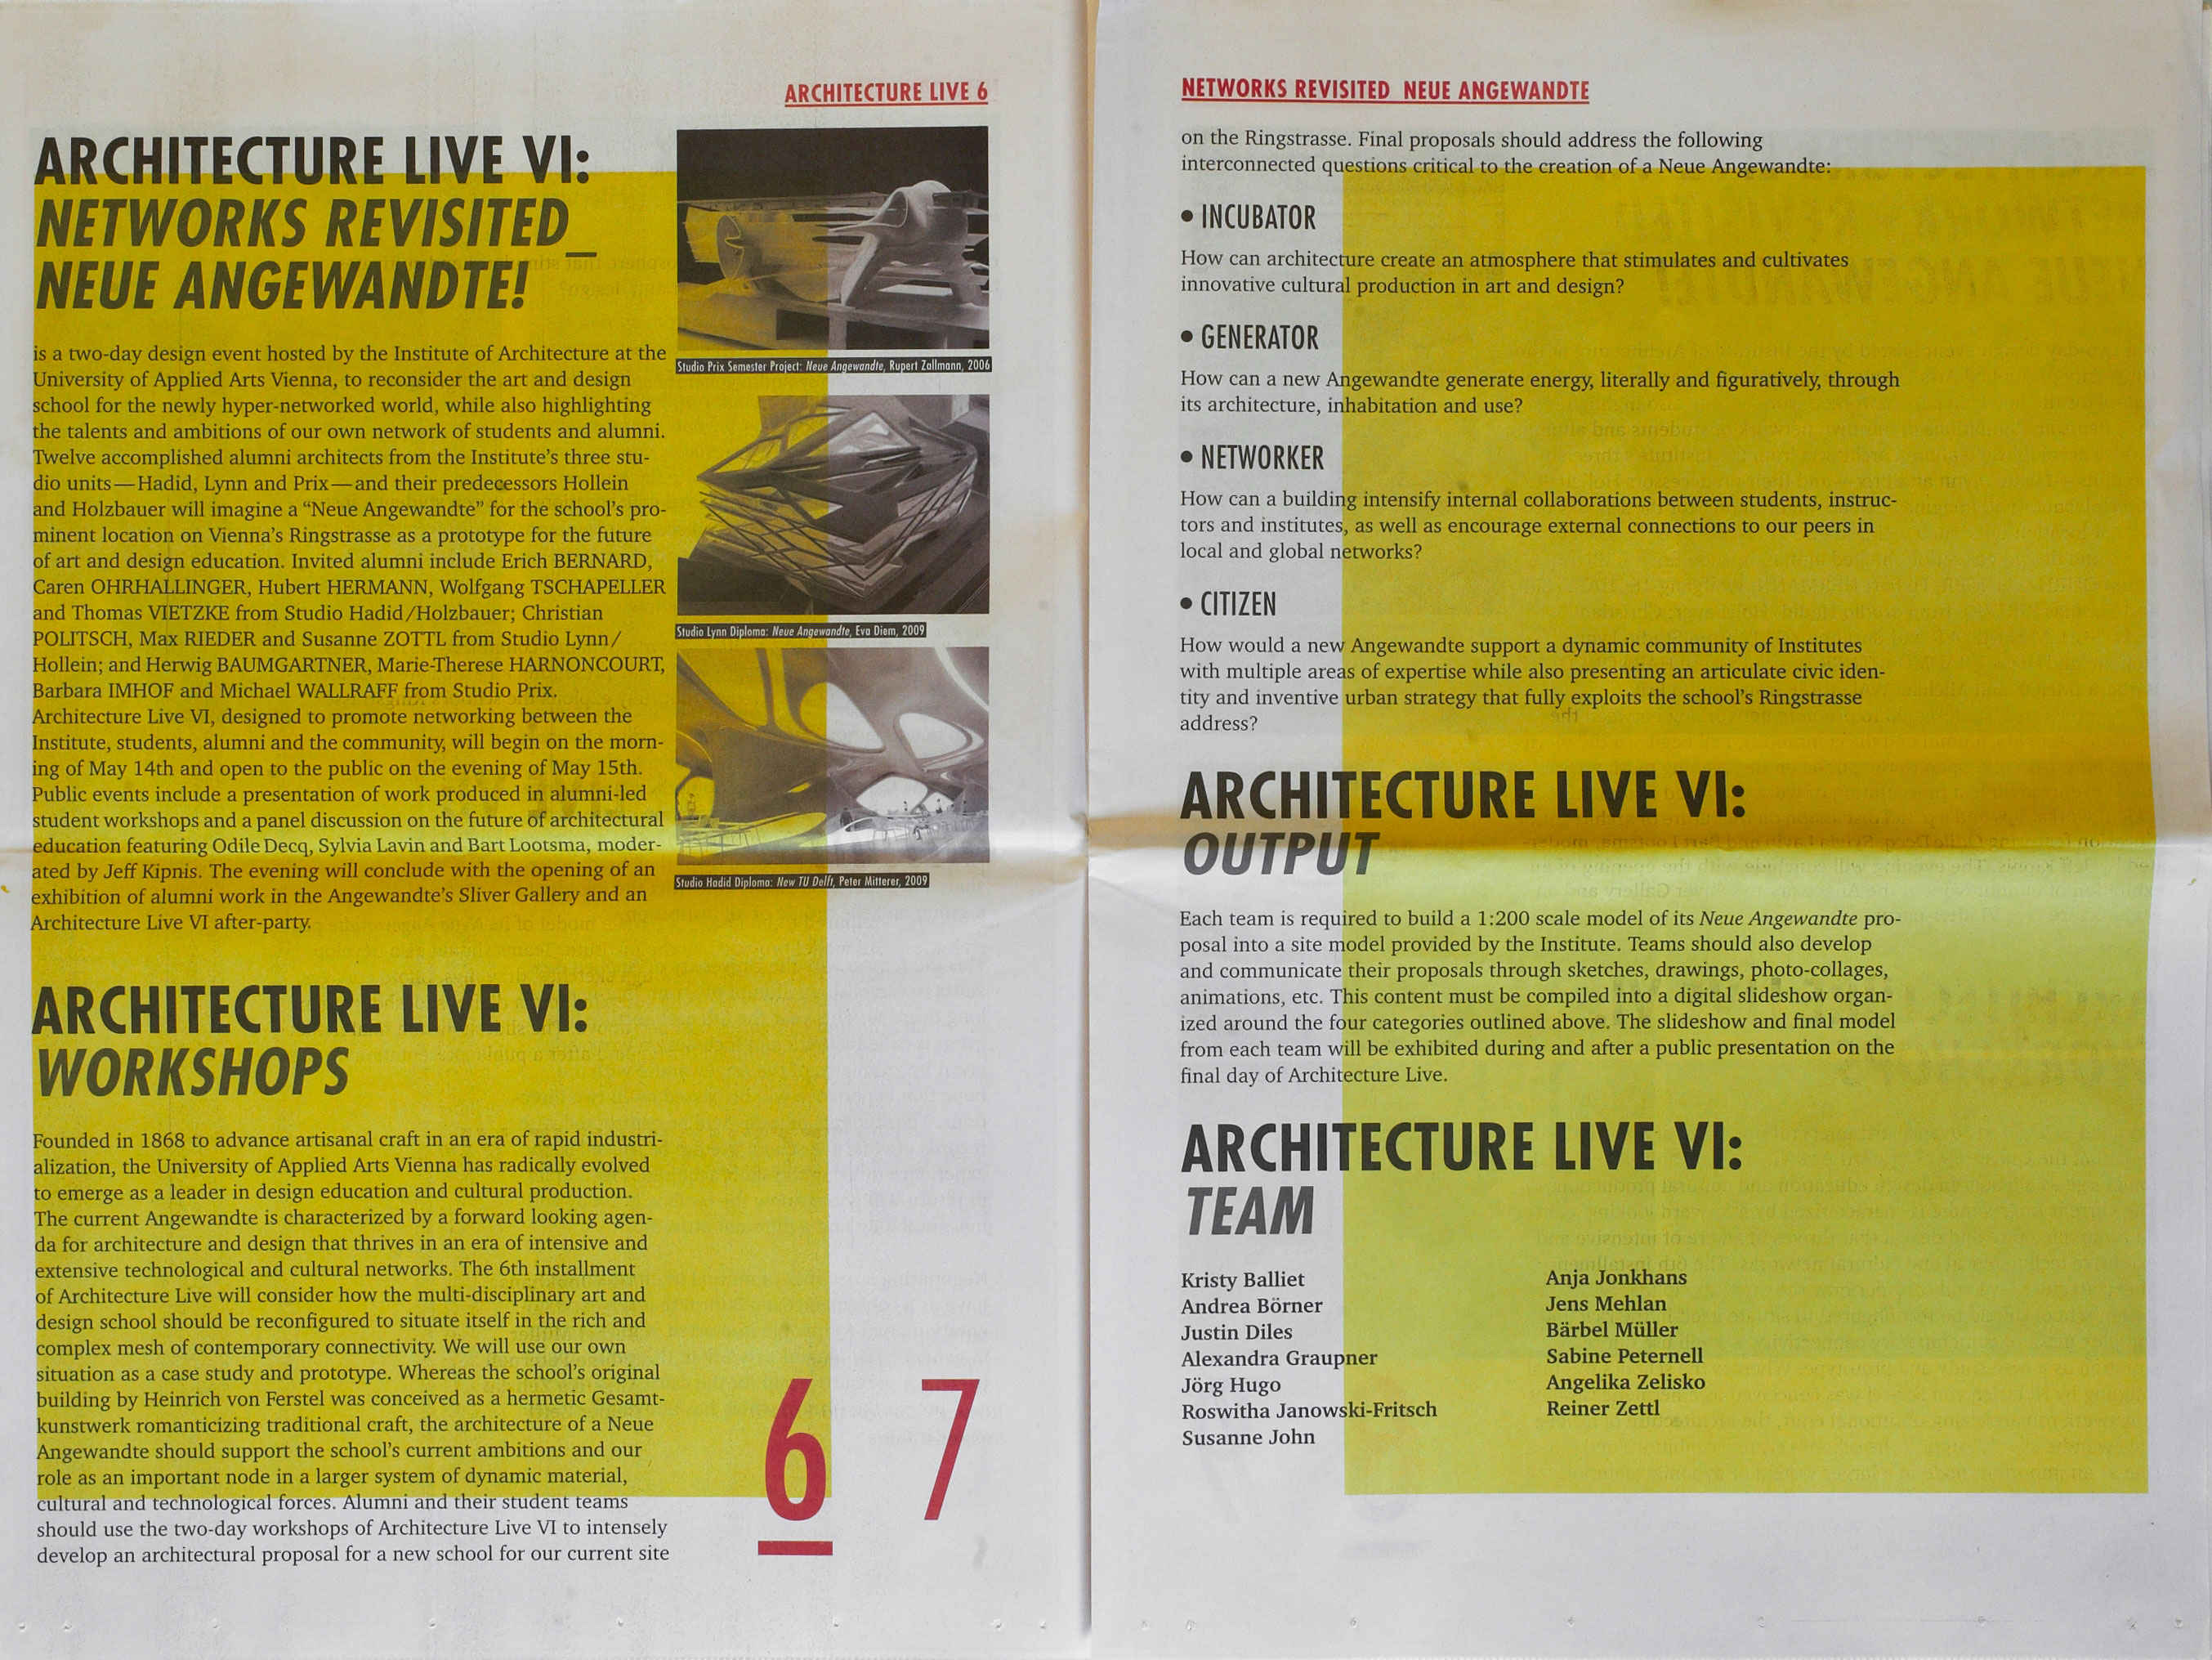 Architecture Live VI: Revisited